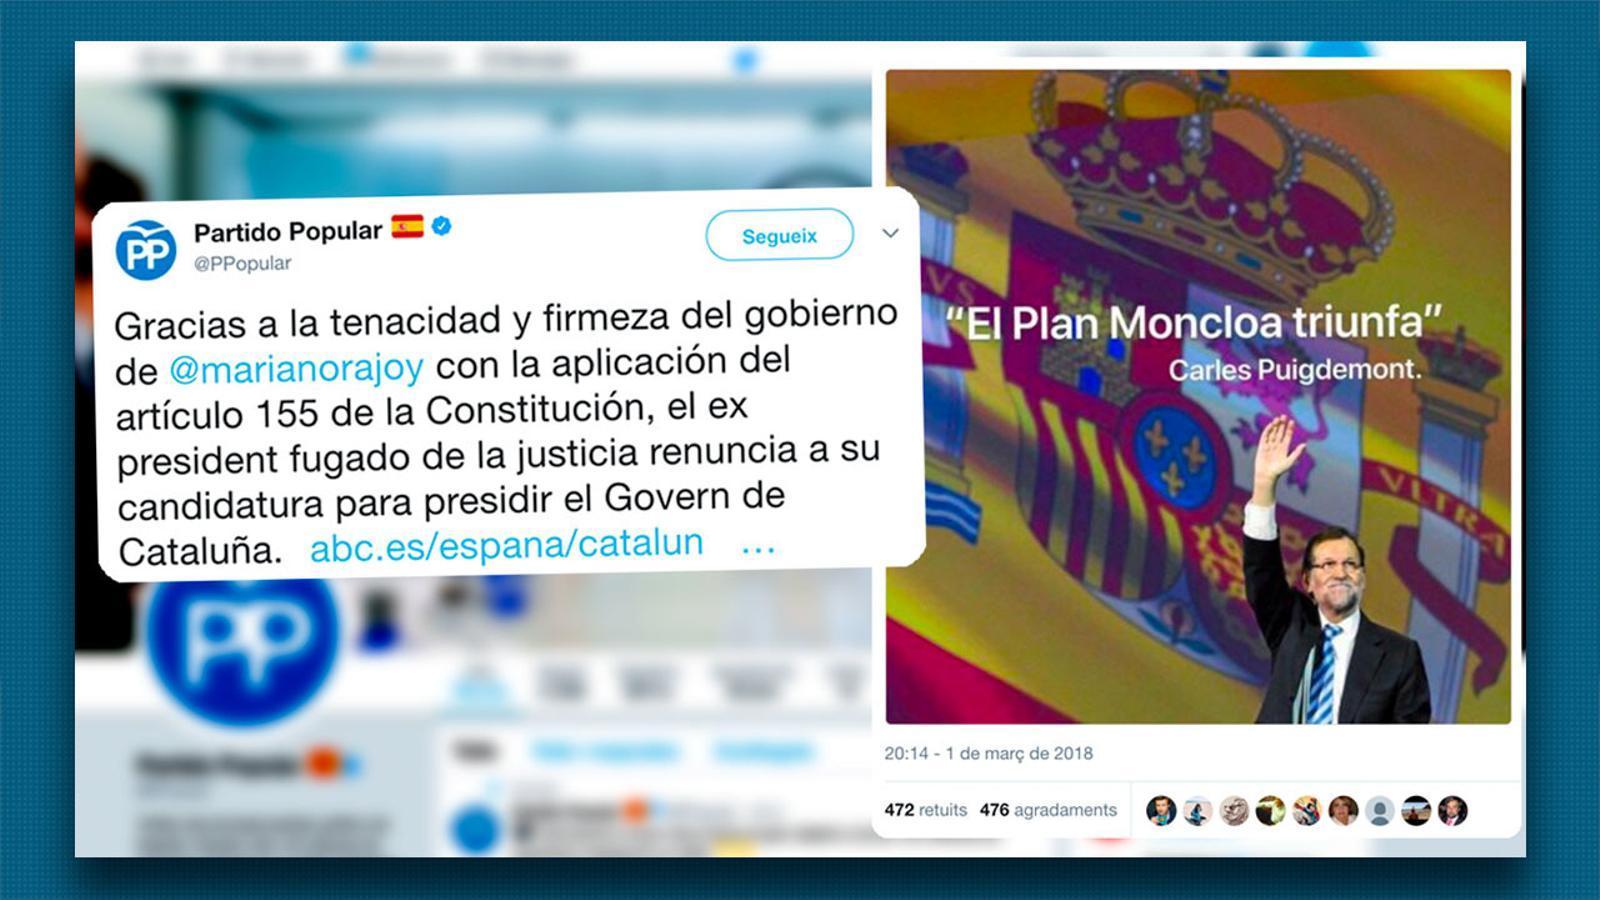 L'anàlisi d'Antoni Bassas: '«El plan Moncloa triunfa» (encara que Espanya s'enfonsa)'